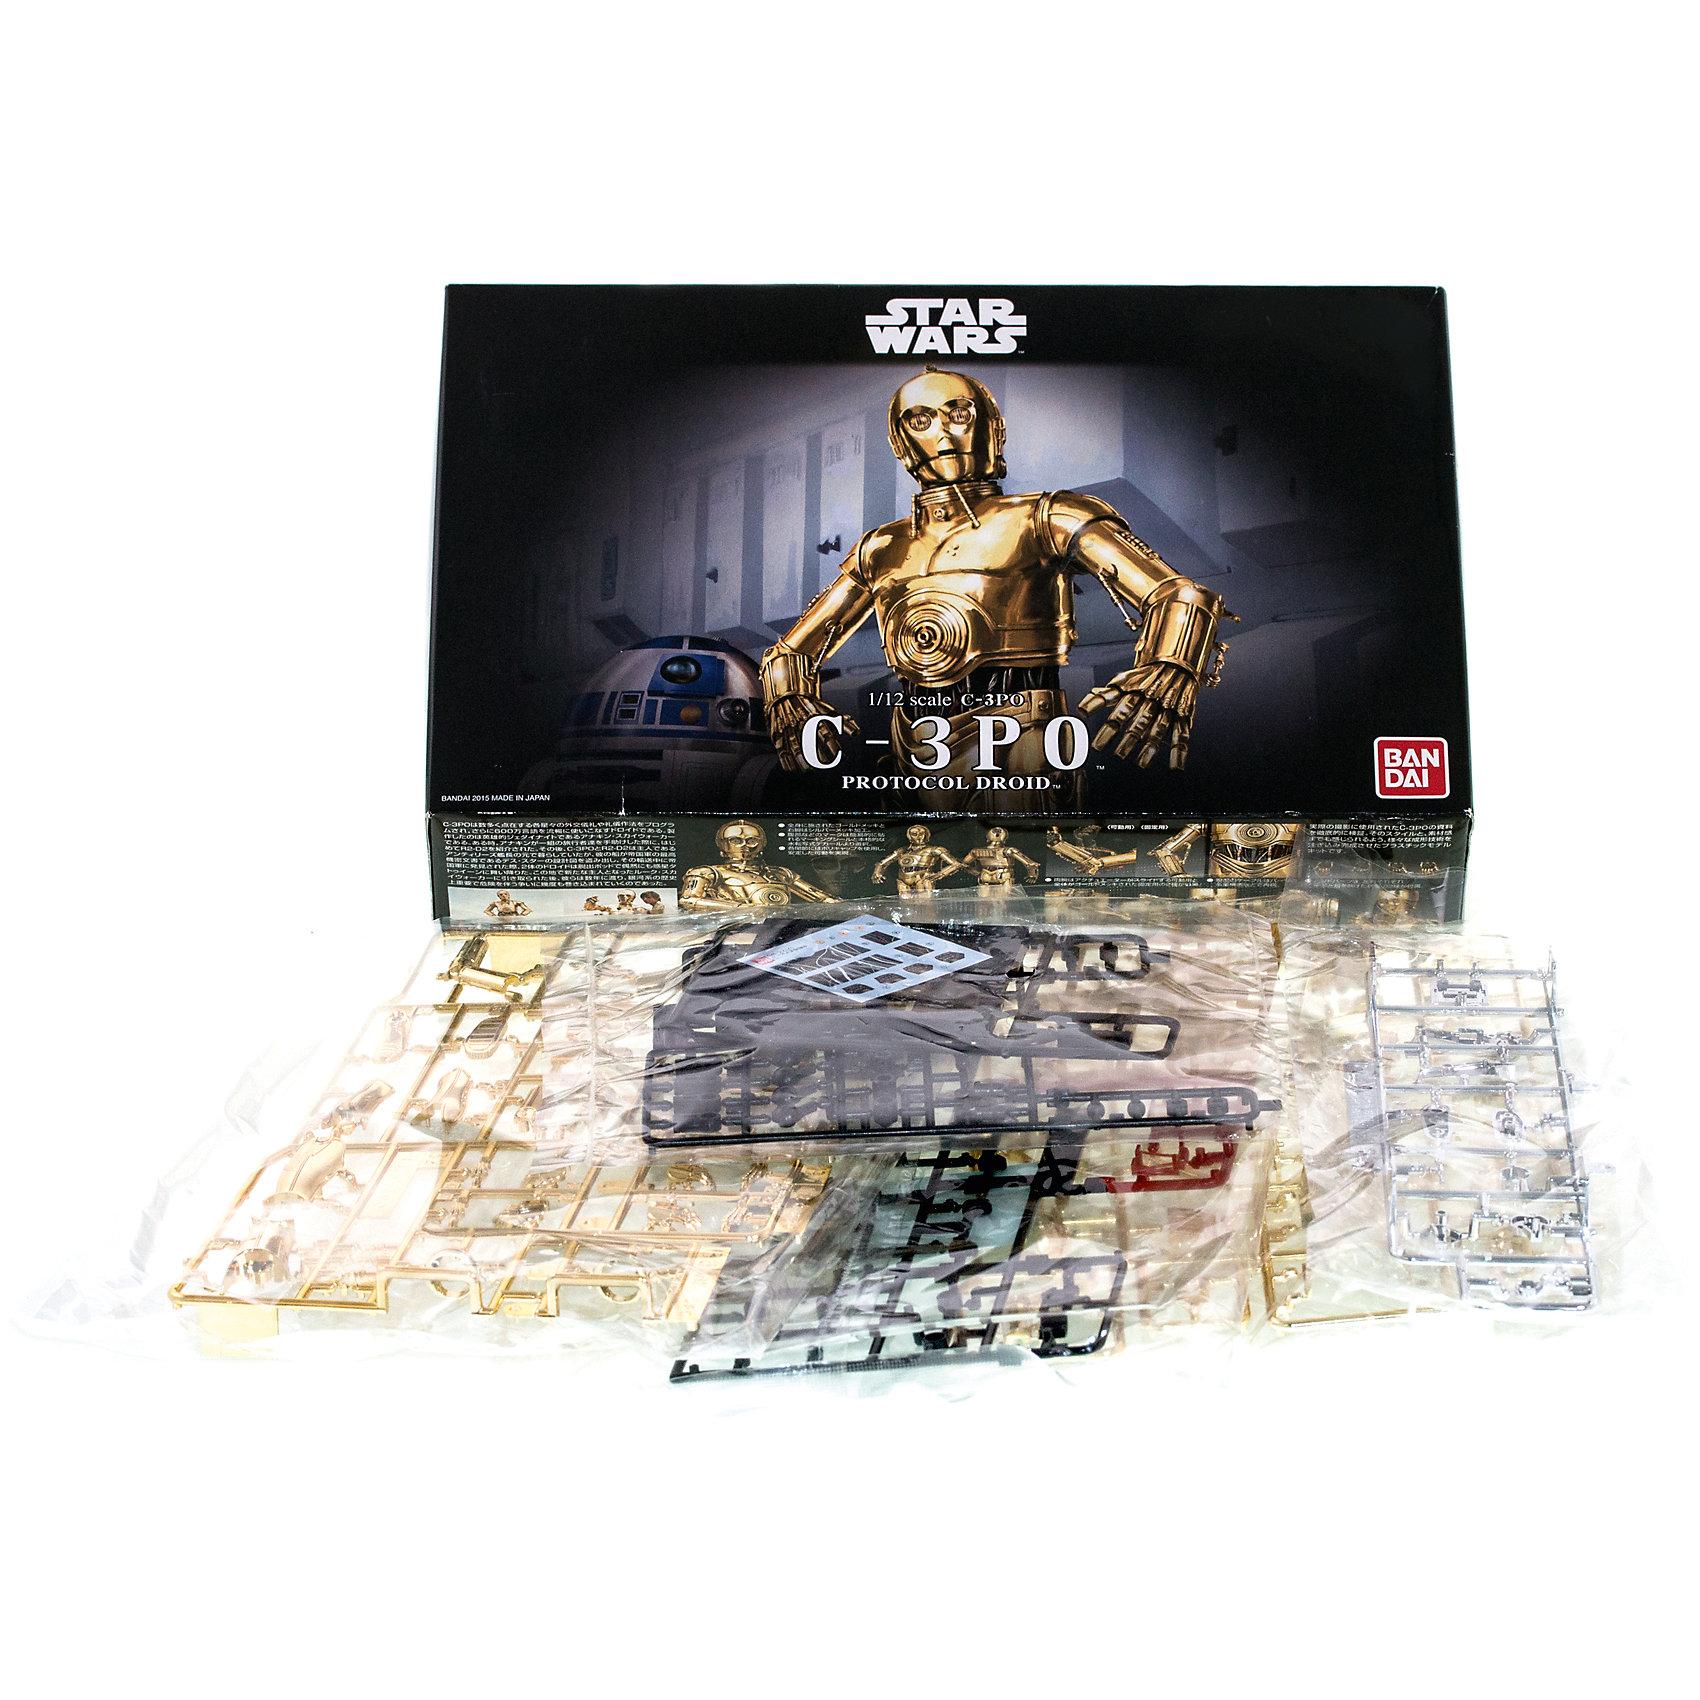 Сборная модель C-3PO 1/12, Звездные ВойныСборные модели транспорта<br>Этот набор приведет в восторг все поклонников легендарной саги Star Wars. В комплект входит набор деталей для сборки фигуры Протокольного Дроида (робота-андроида) – «Три-Пи-О», забавного персонажа, участвующего во многих эпизодах киносаги «Звёздные Войны» и отличающегося редким «занудством» характера. Самой яркой особенностью его внешнего вида является золотое покрытие корпуса, которым он очень гордится. Фигура C-3PO выполнена  из качественного пластика с металлизированным золотистым покрытием (кроме правой голени – которая, как и в фильме осталась серебристой), она имеет подвижные руки, ноги, туловище и голову, благодаря чему способна принимать разнообразные реалистичные позы. В качестве аксессуаров модель комплектуется подставкой, изображающей пол внутри Имперской космической станции «Звезда Смерти», несколькими вариантами панелей лица (нормальной и с сюжетными повреждениями), двумя вариантами кистей рук и другими приятными дополнениями. Вся продукция фирмы Bandai лицензирована фирмами правообладателями, а это гарантирует её высокое качество и безопасность.<br>Конструирование - интереснейший процесс, позволяющий развить у ребенка мелкую моторику, логическое мышление, внимание, умение работать по инструкции.<br><br>Дополнительная информация:<br><br>- Масштаб: 1:12 <br>- Материал: пластик.<br>- Размер упаковки: 30х20 см.<br>- Размер Дроида: 14,5 см.<br>- Подвижные руки, ноги, туловище.<br>- Два варианта кистей рук.<br>- Несколько вариантов панелей лица.<br><br>Сборную модель C-3PO 1/12, Звездные Войны (Star Wars), можно купить в нашем магазине.<br><br>Ширина мм: 300<br>Глубина мм: 190<br>Высота мм: 65<br>Вес г: 353<br>Возраст от месяцев: 72<br>Возраст до месяцев: 192<br>Пол: Мужской<br>Возраст: Детский<br>SKU: 4422662